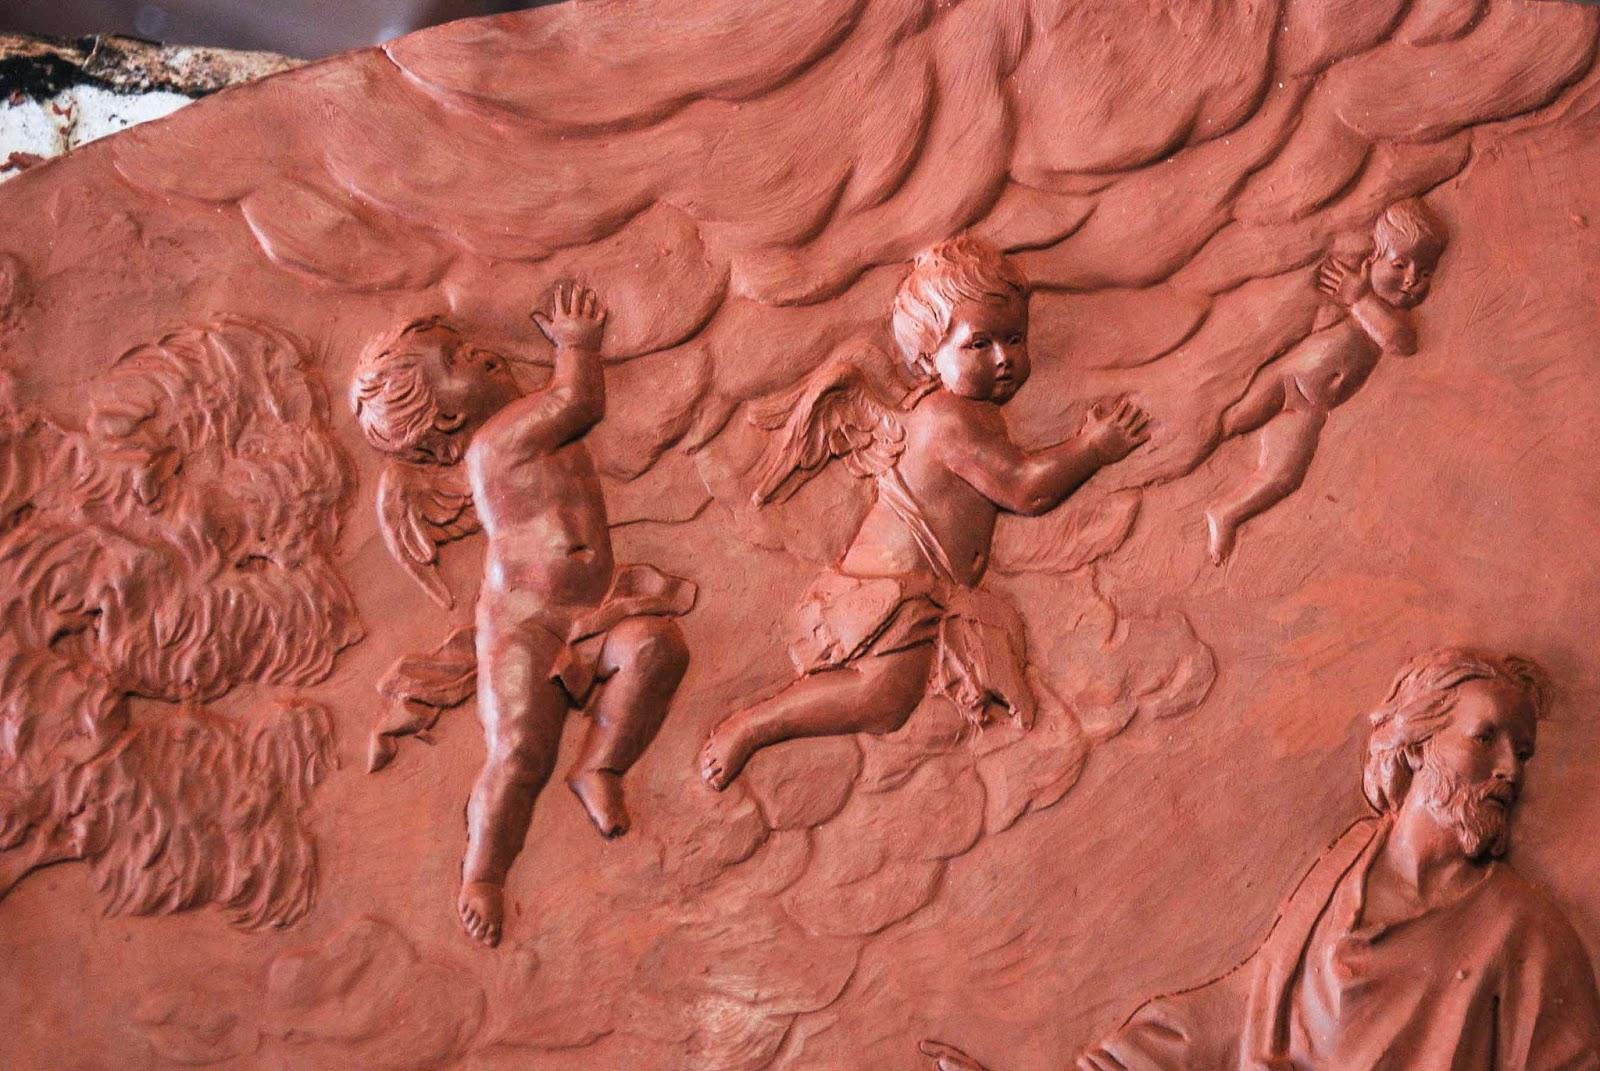 Trono Soledad Semana Santa Cartagena Murcia Arturo Serra escultura 28